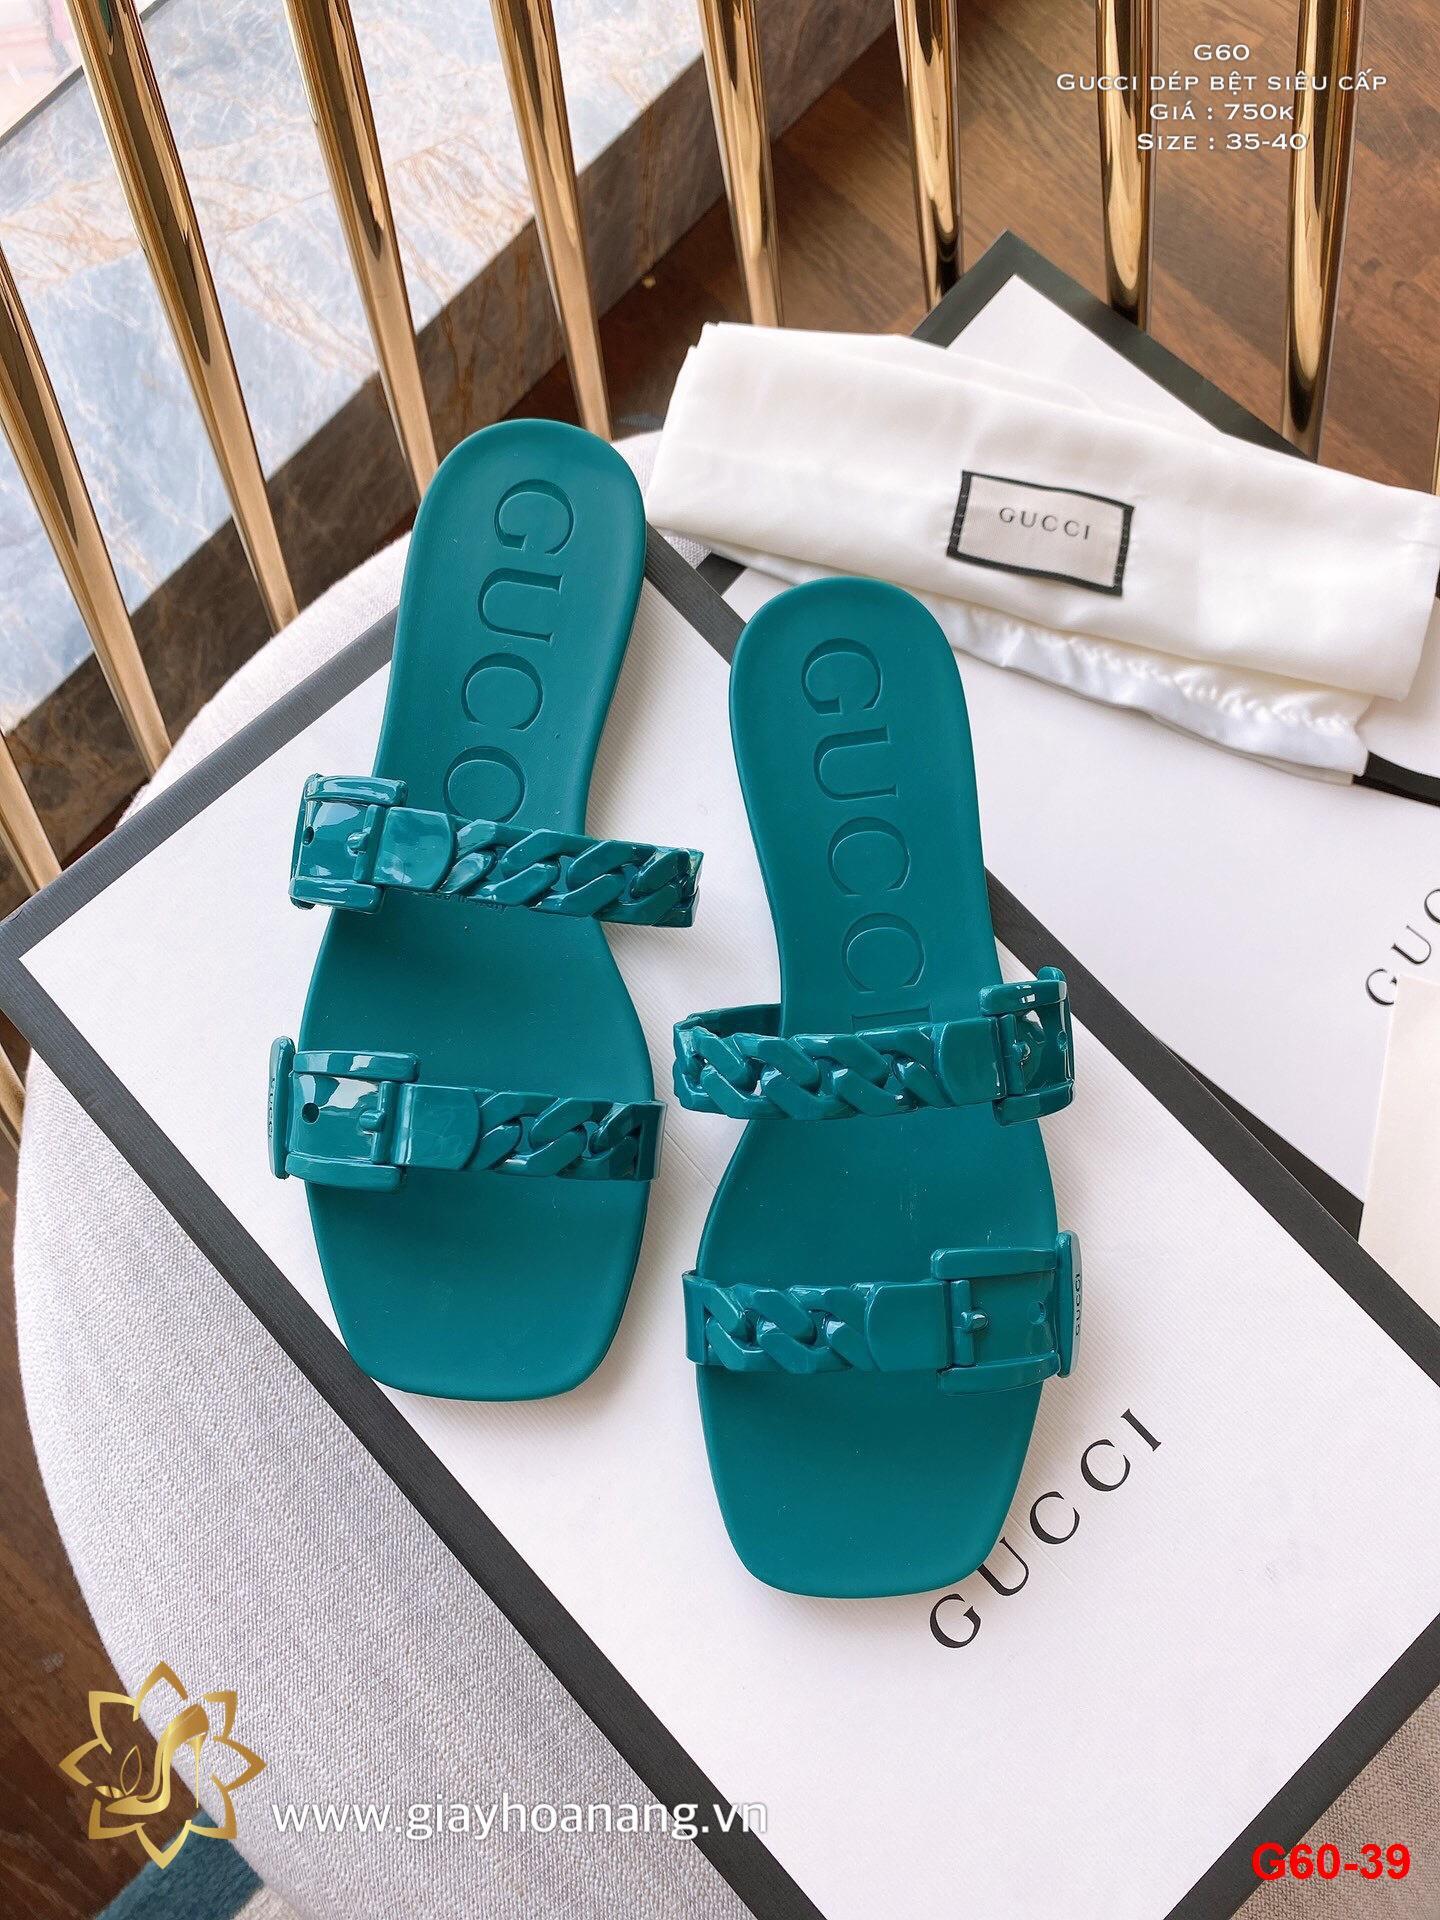 G60-39 Gucci dép bệt siêu cấp